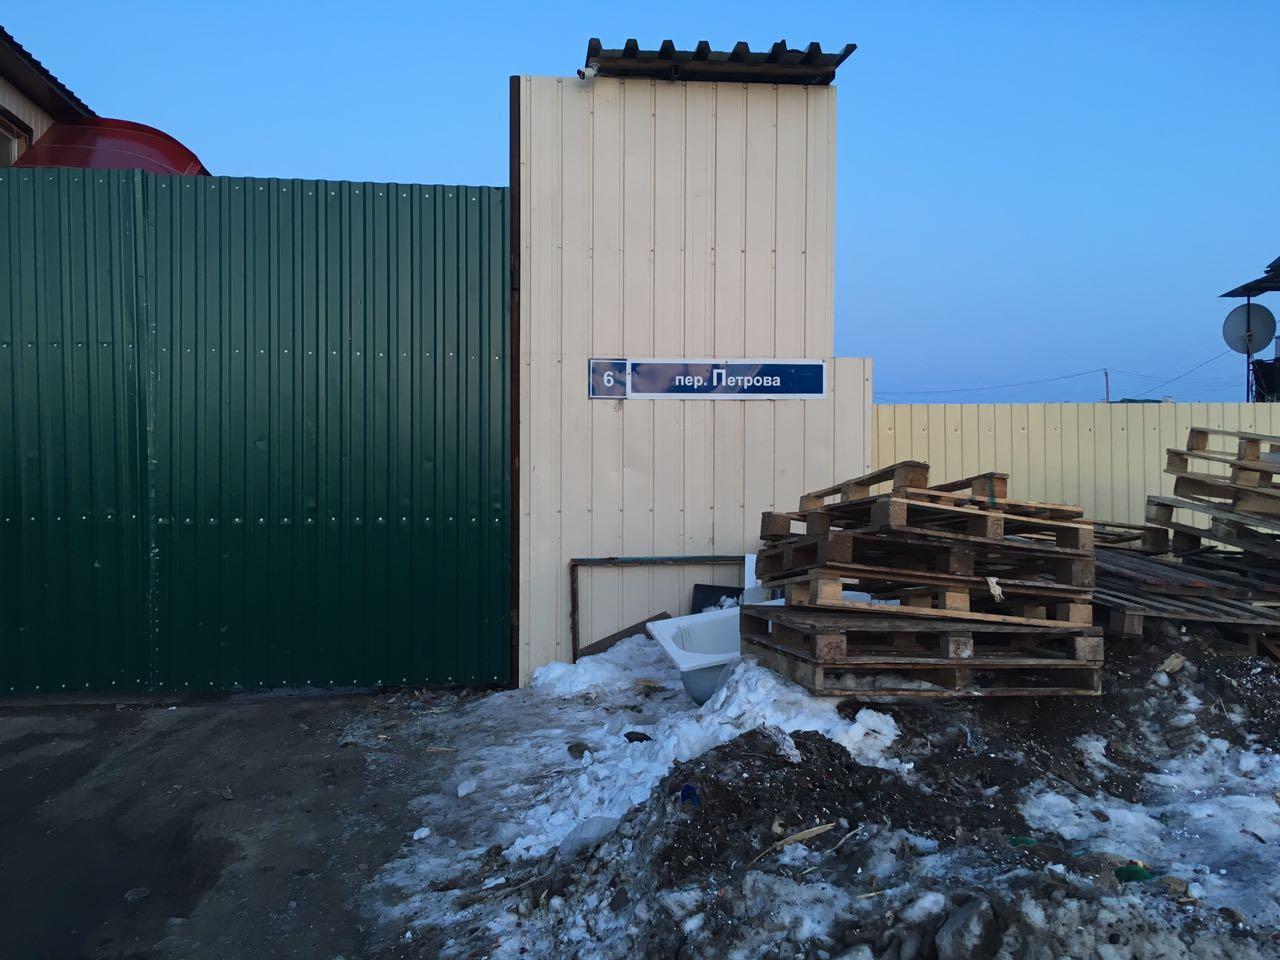 petrova-6 Мигранты в Якутске: «Резиновые квартиры», нелегальные таксисты и овощные монополисты